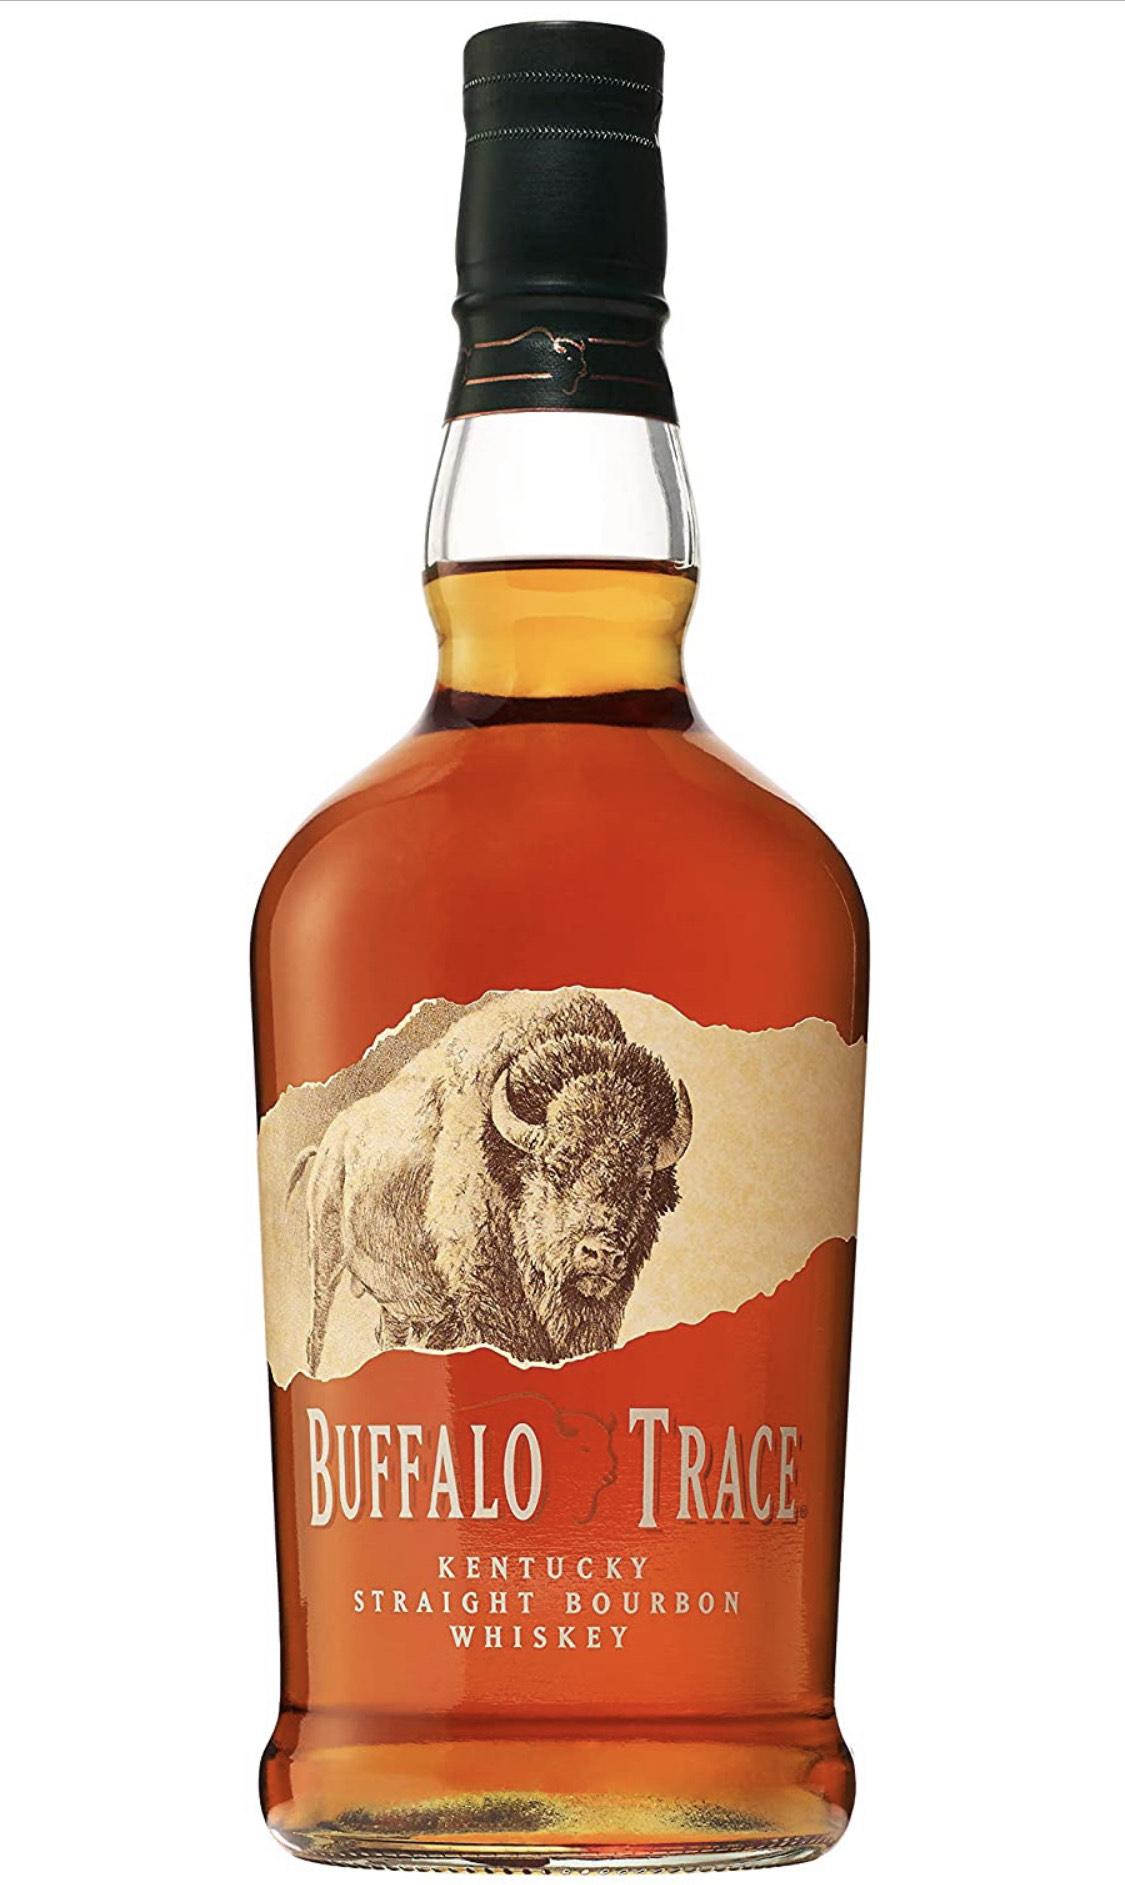 Buffalo Trace Kentucky Straight Bourbon Whiskey 70cl £18 Prime (£15.30 S&S) (+£4.49 non-prime) @Amazon